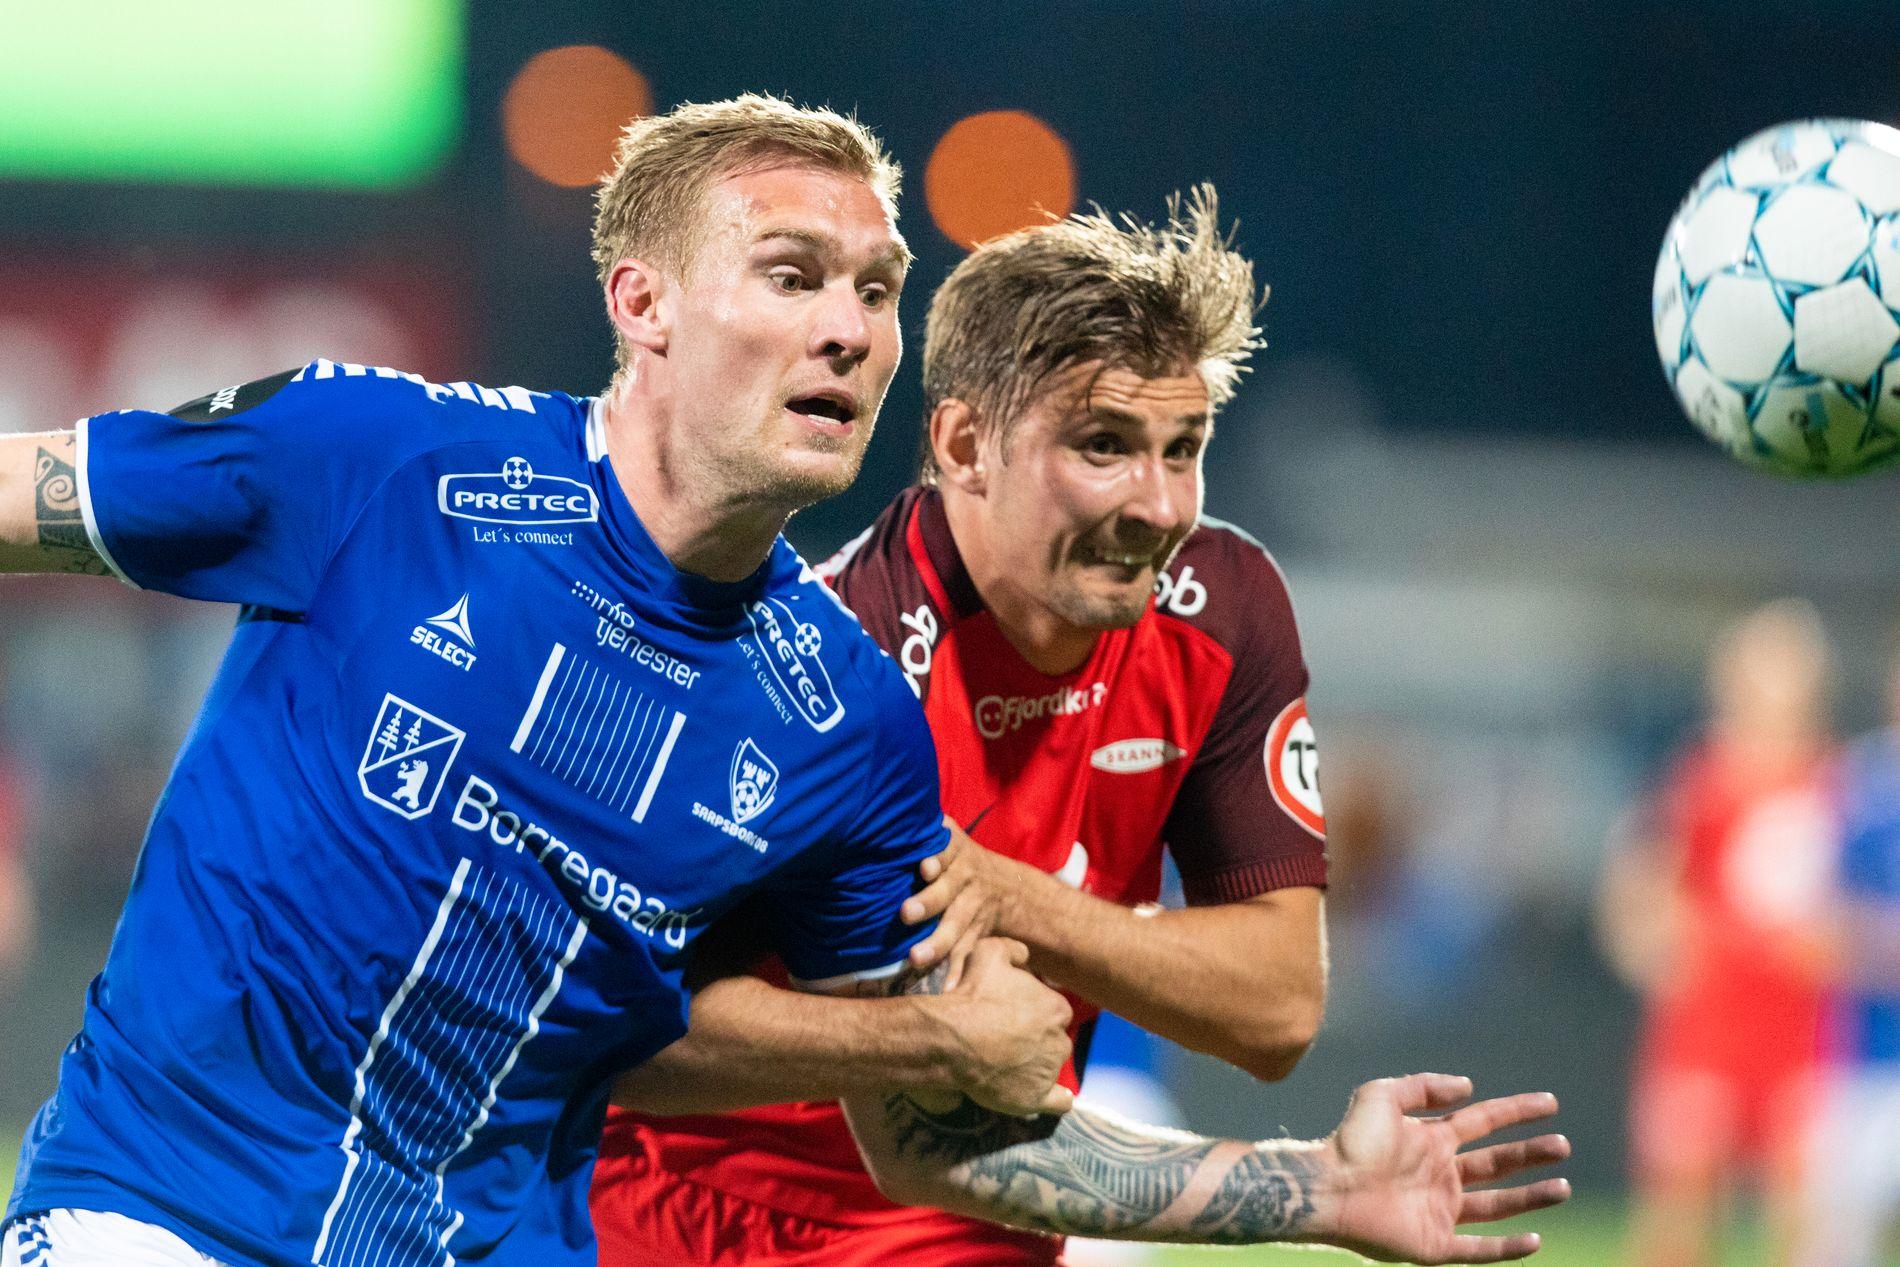 KLER HAN BLÅTT? Brann-spiller Steffen Skålevik (til høyre) i kamp med Sarpsborg-stopper Joonas Tamm fra oppgjøret i april.